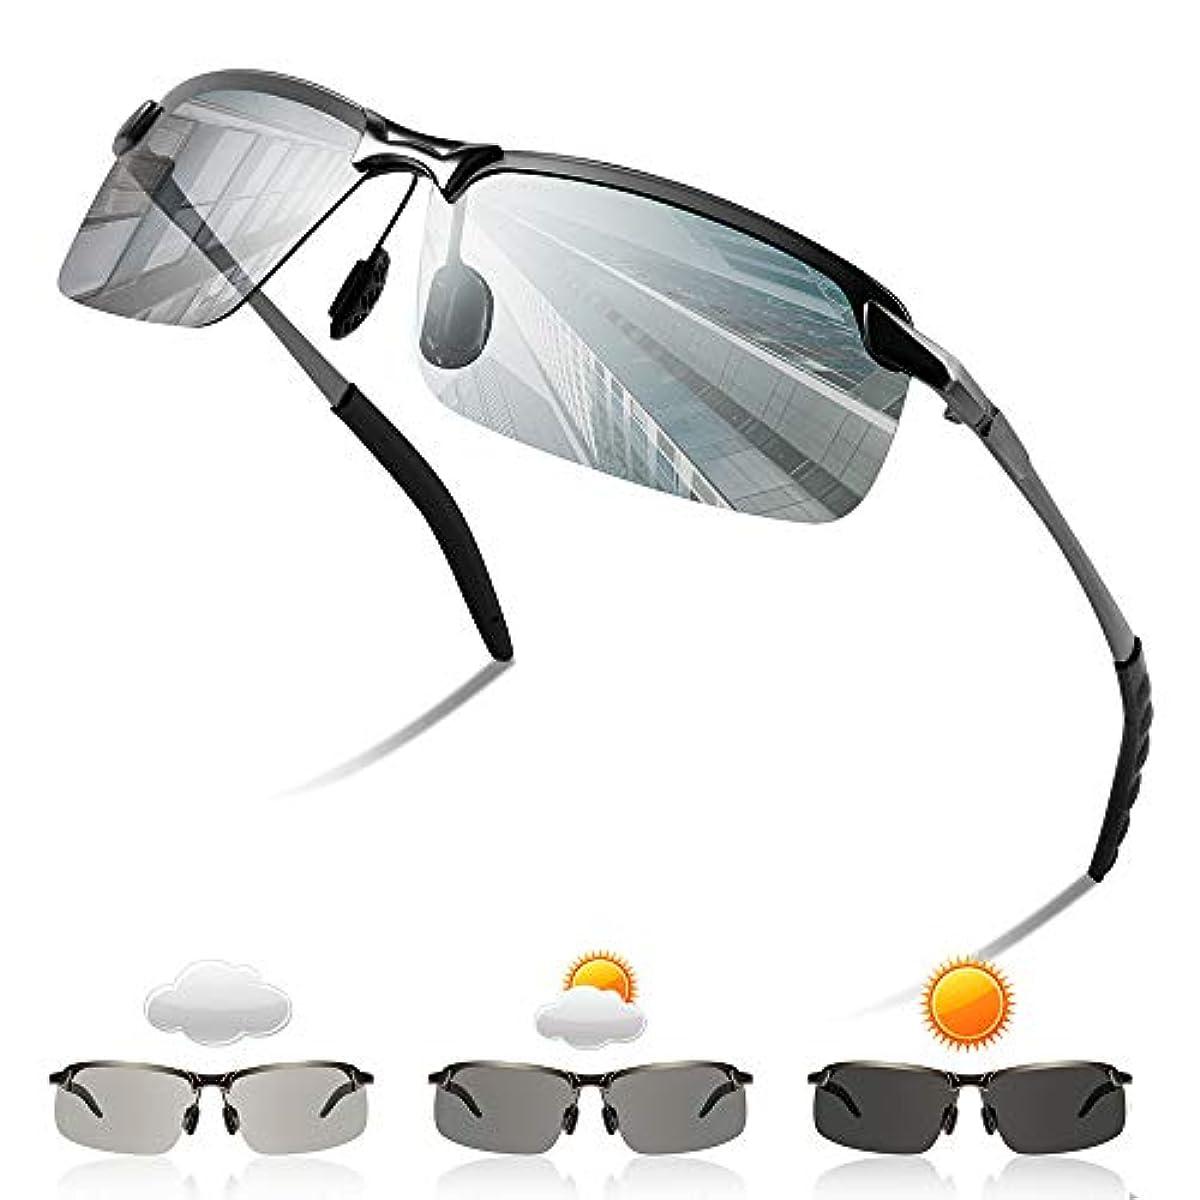 [해외] KOZZIM 변색조 광썬글라스 편광 썬글라스 [초경량/알루미늄・마그네슘 합성피혁금재] 자외선 감지 UV400 주야 겸용 낚시 드라이어이브 아웃도어 등산 자전거 골프 운전